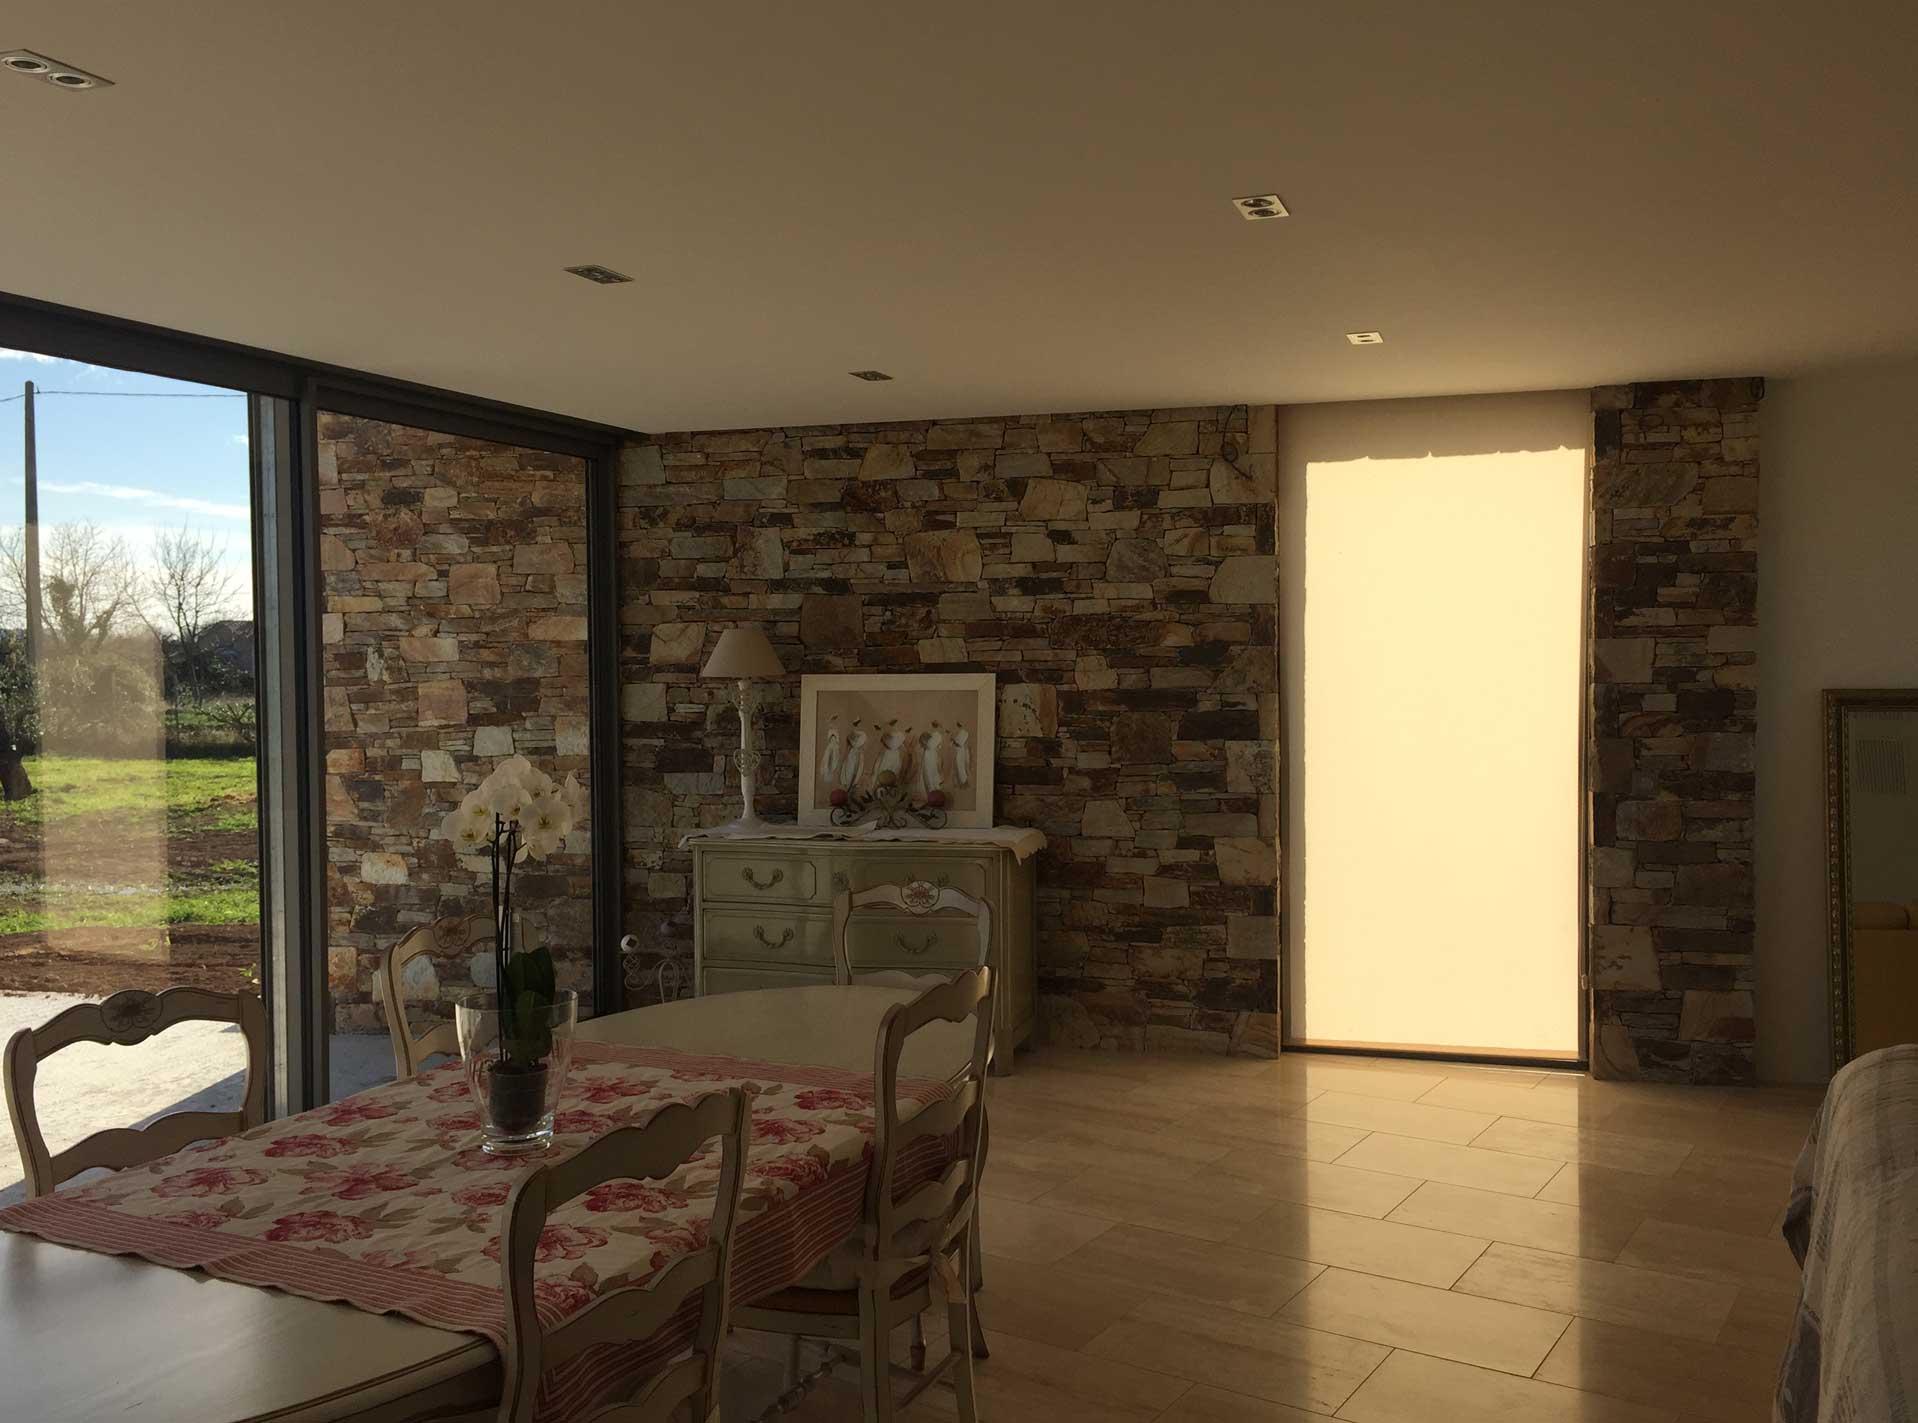 extension rehabilitation batisse sollies pont interieur